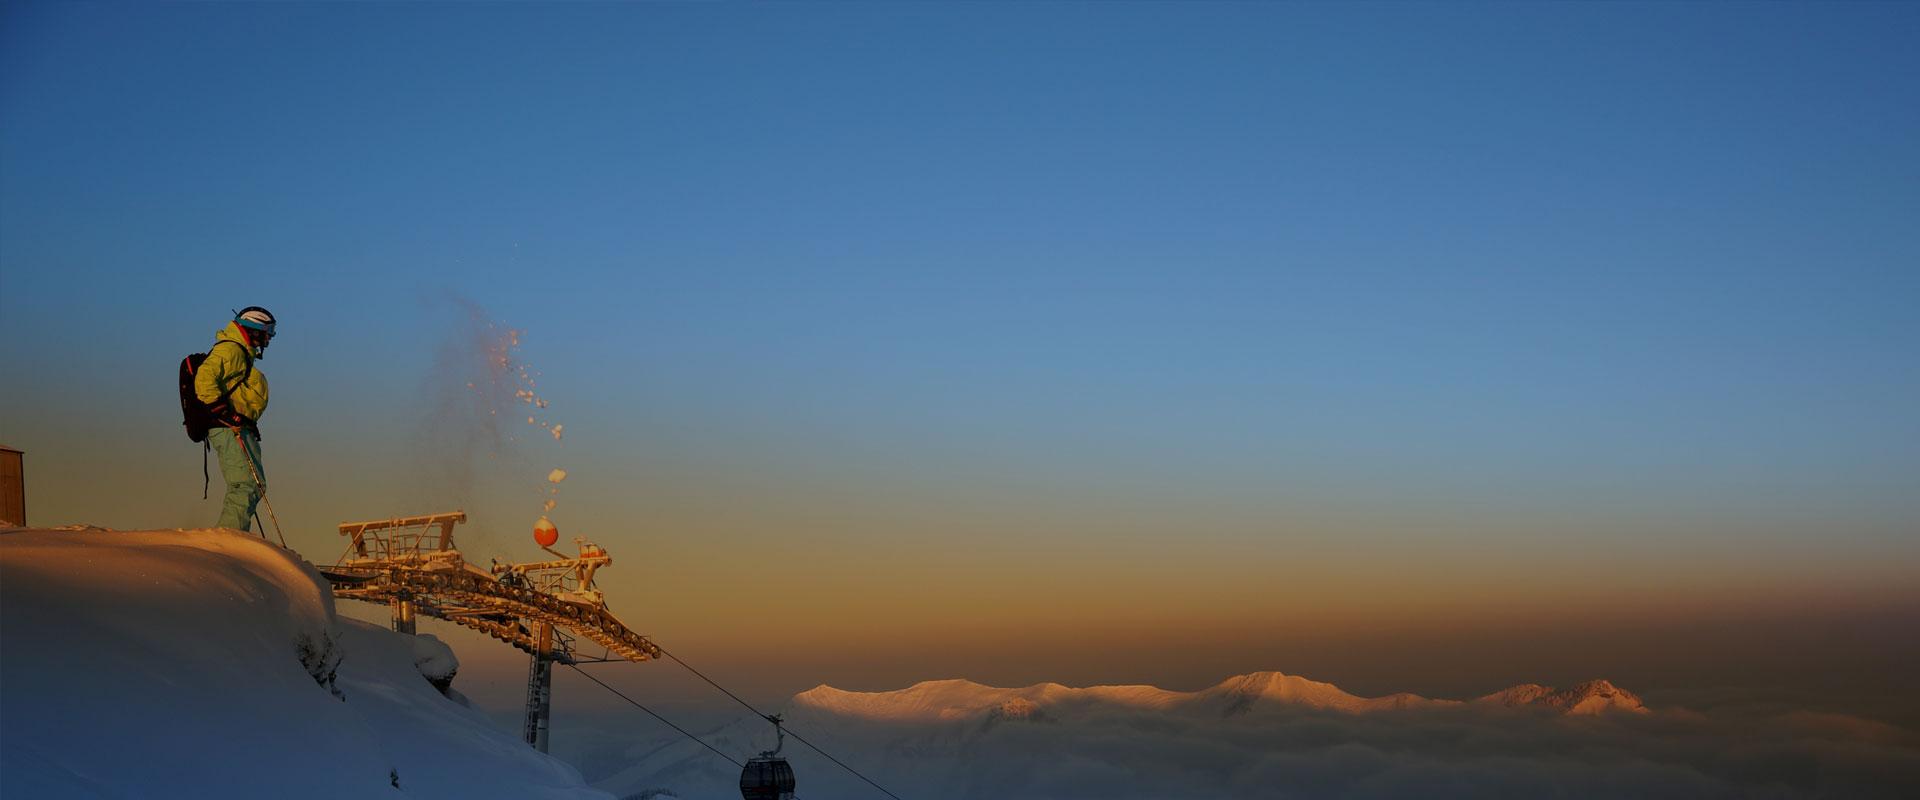 Skiverleih & Skischule Mellau